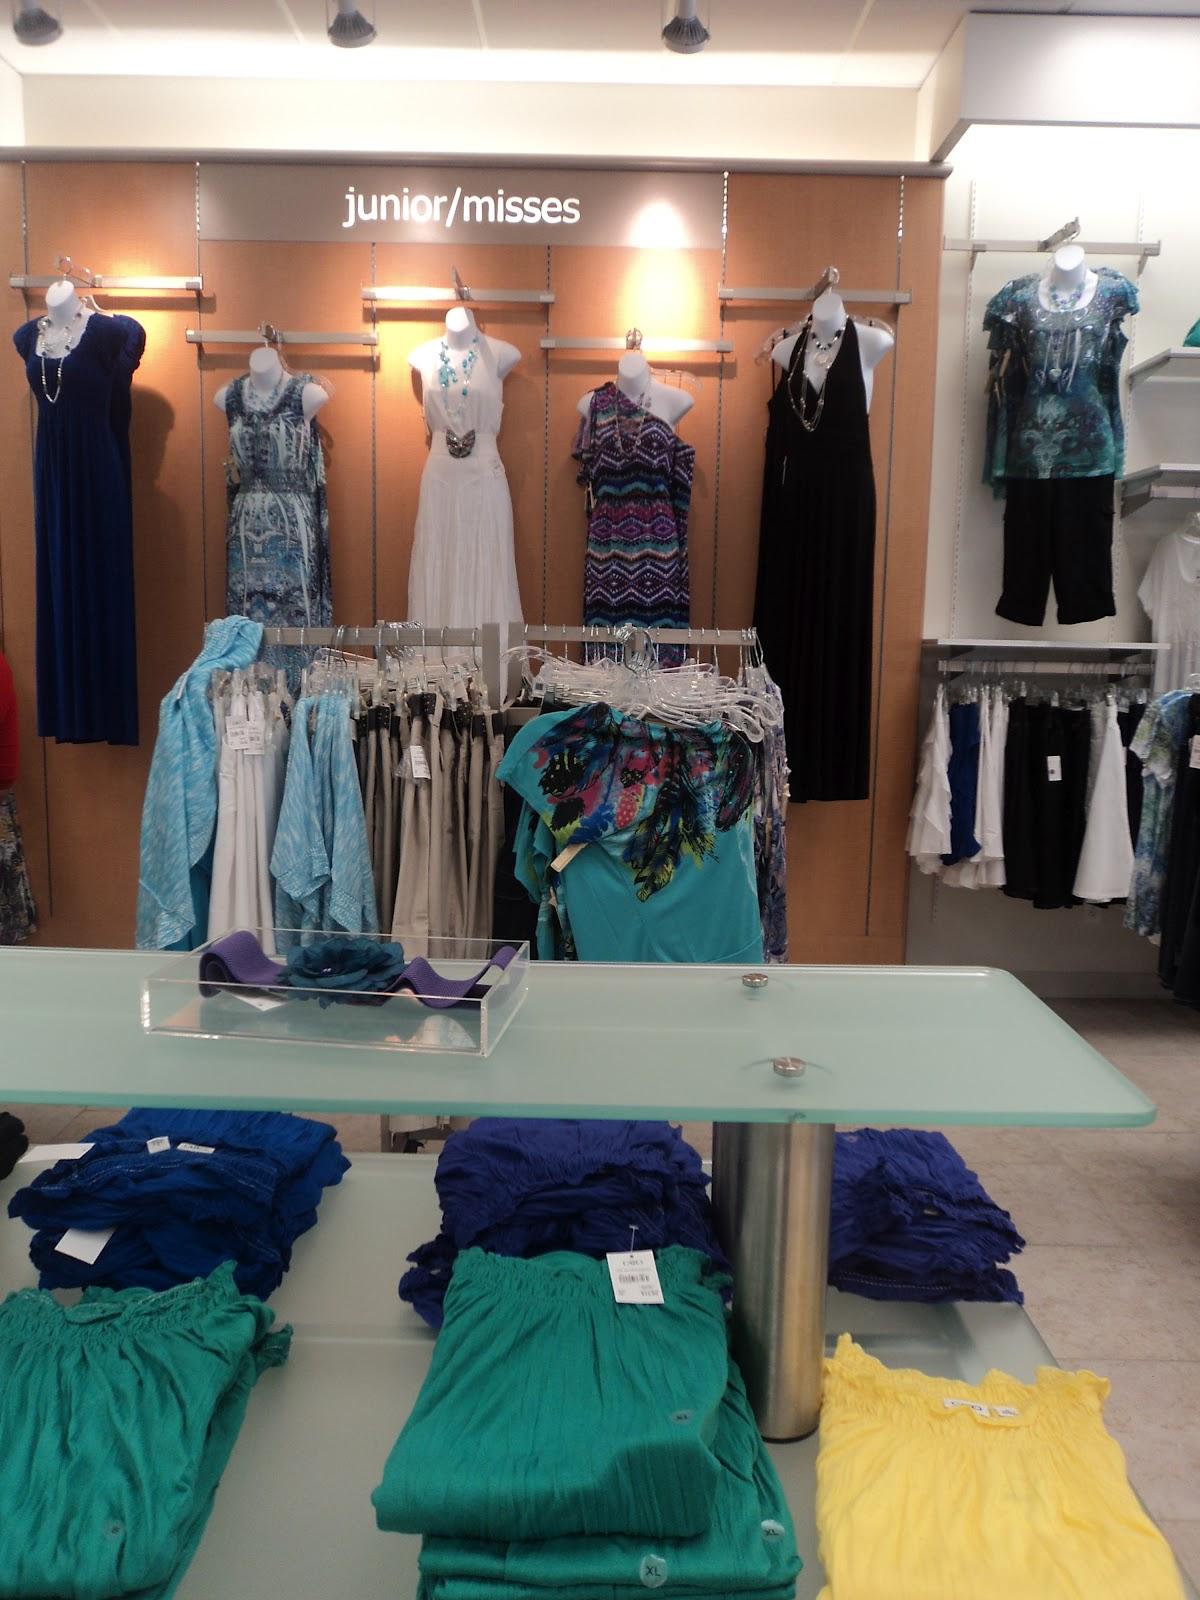 Cato Fashions Locations In Ohio cato fashions store locations